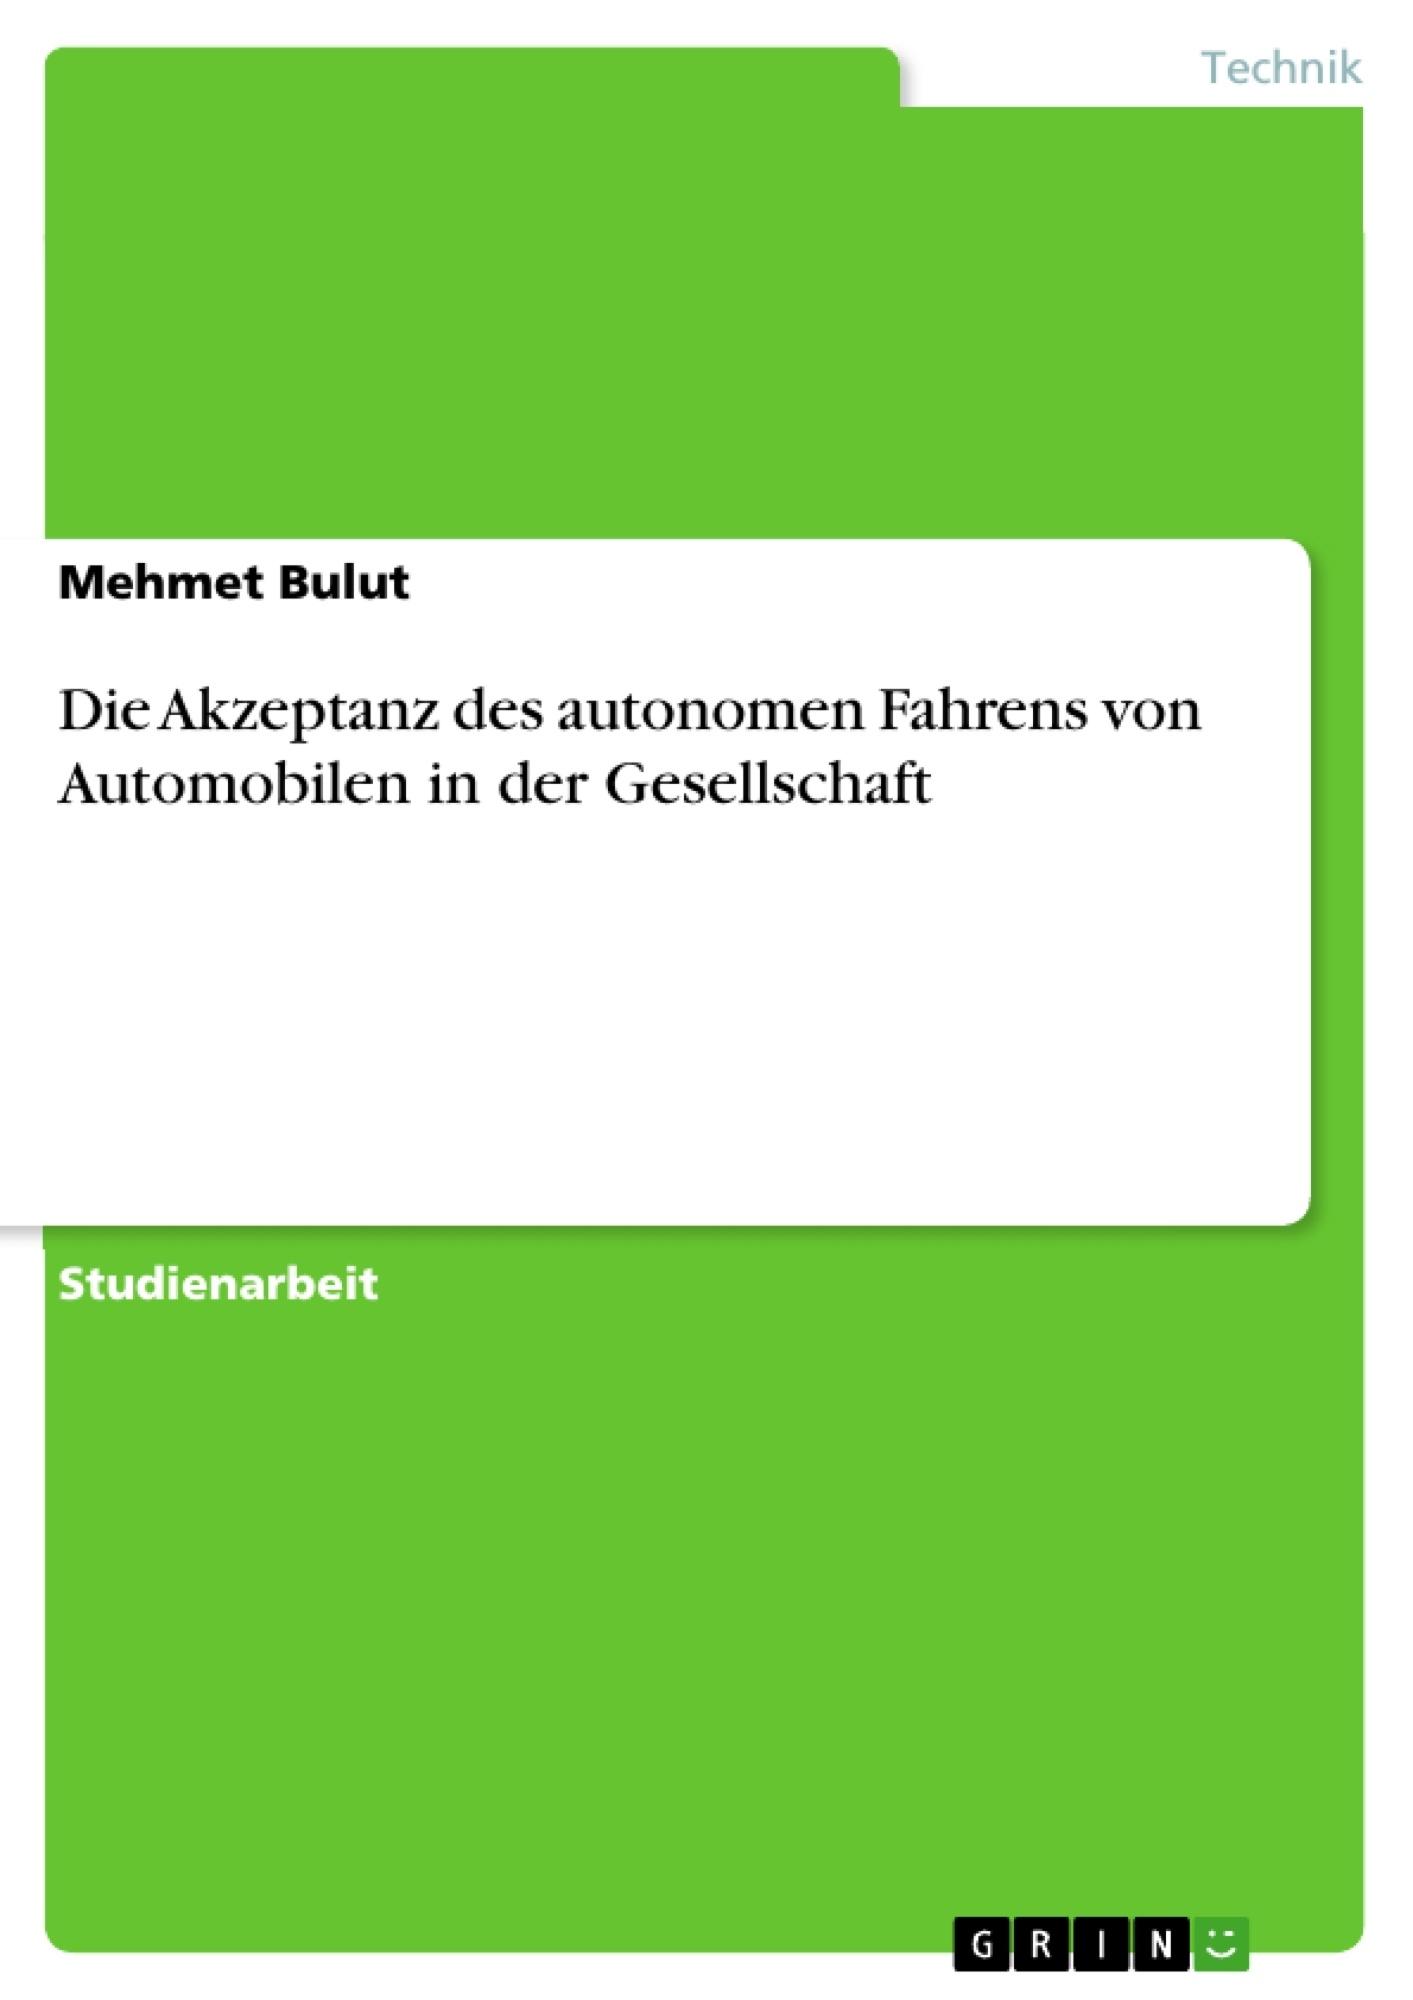 Titel: Die Akzeptanz des autonomen Fahrens von Automobilen in der Gesellschaft